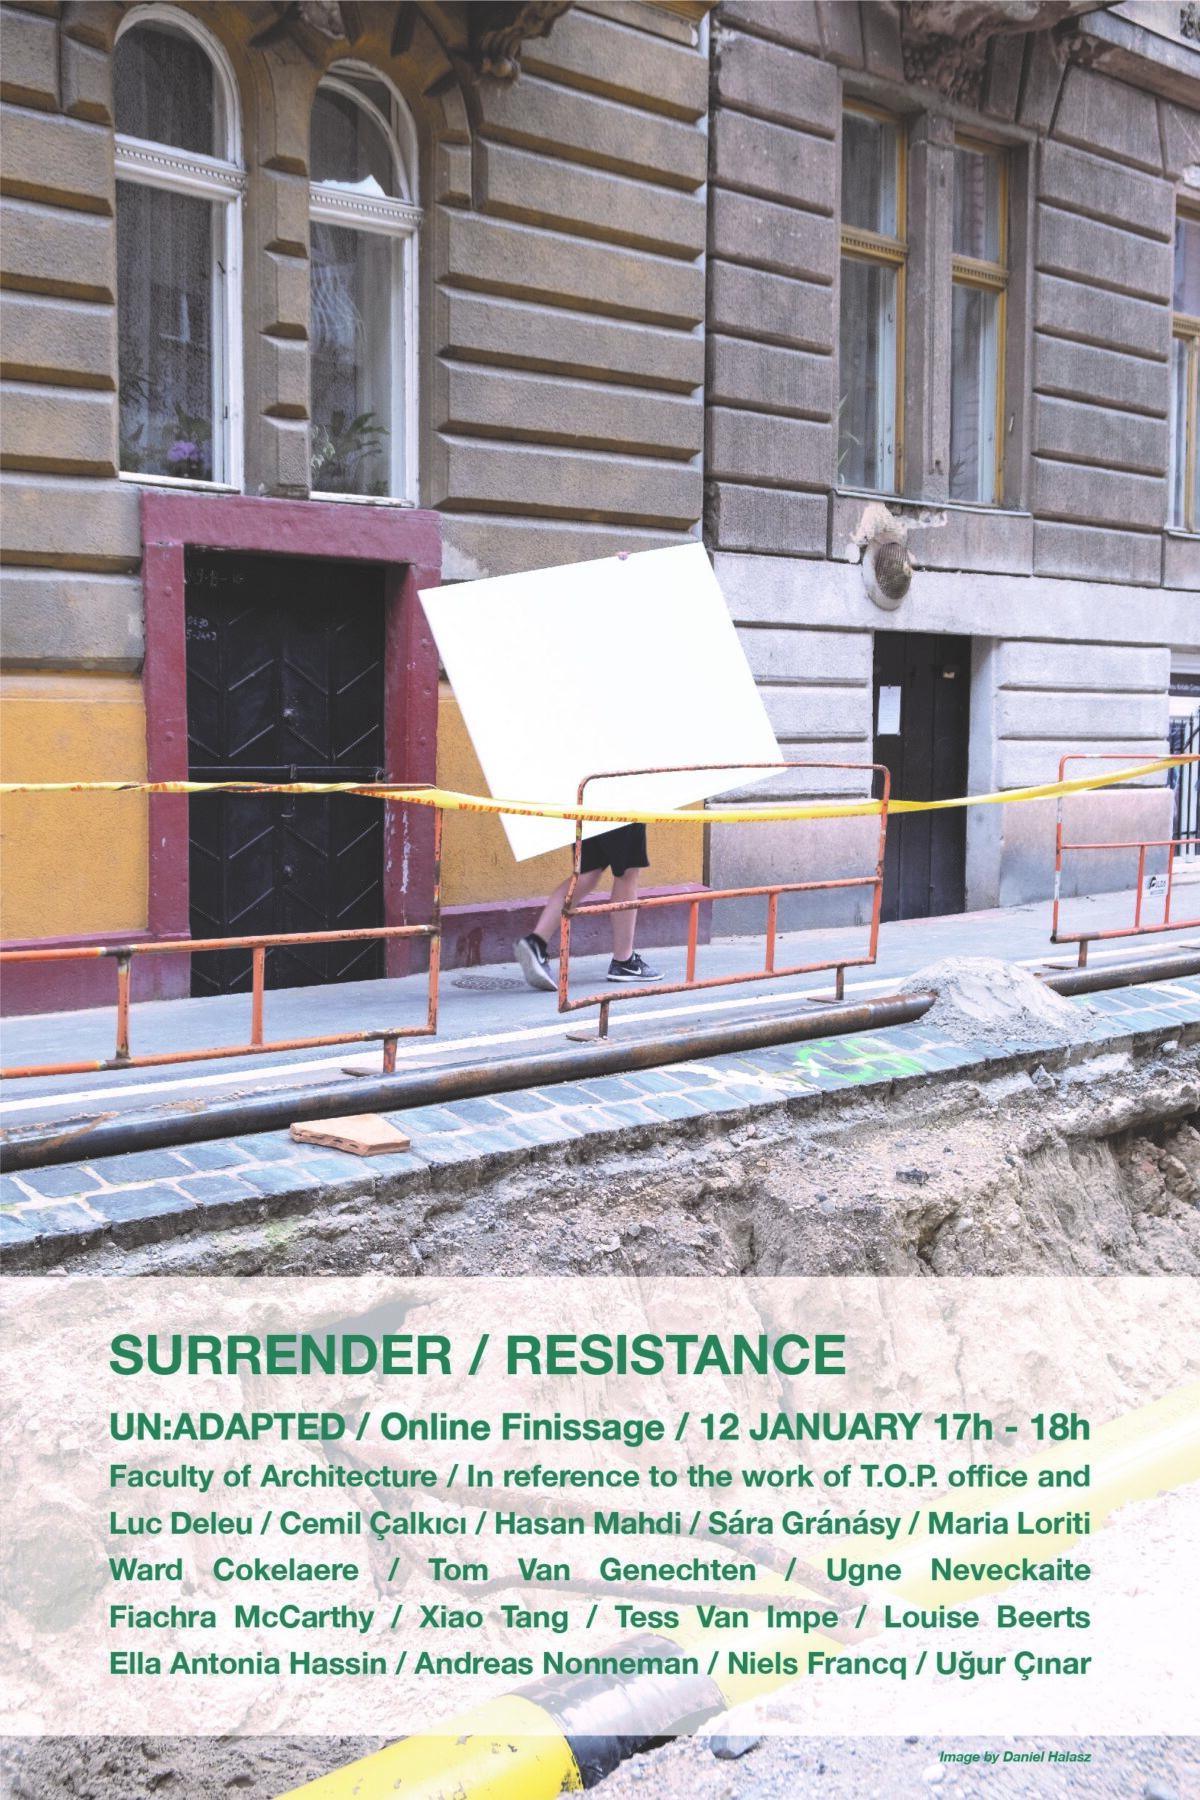 surrender-resistance-21